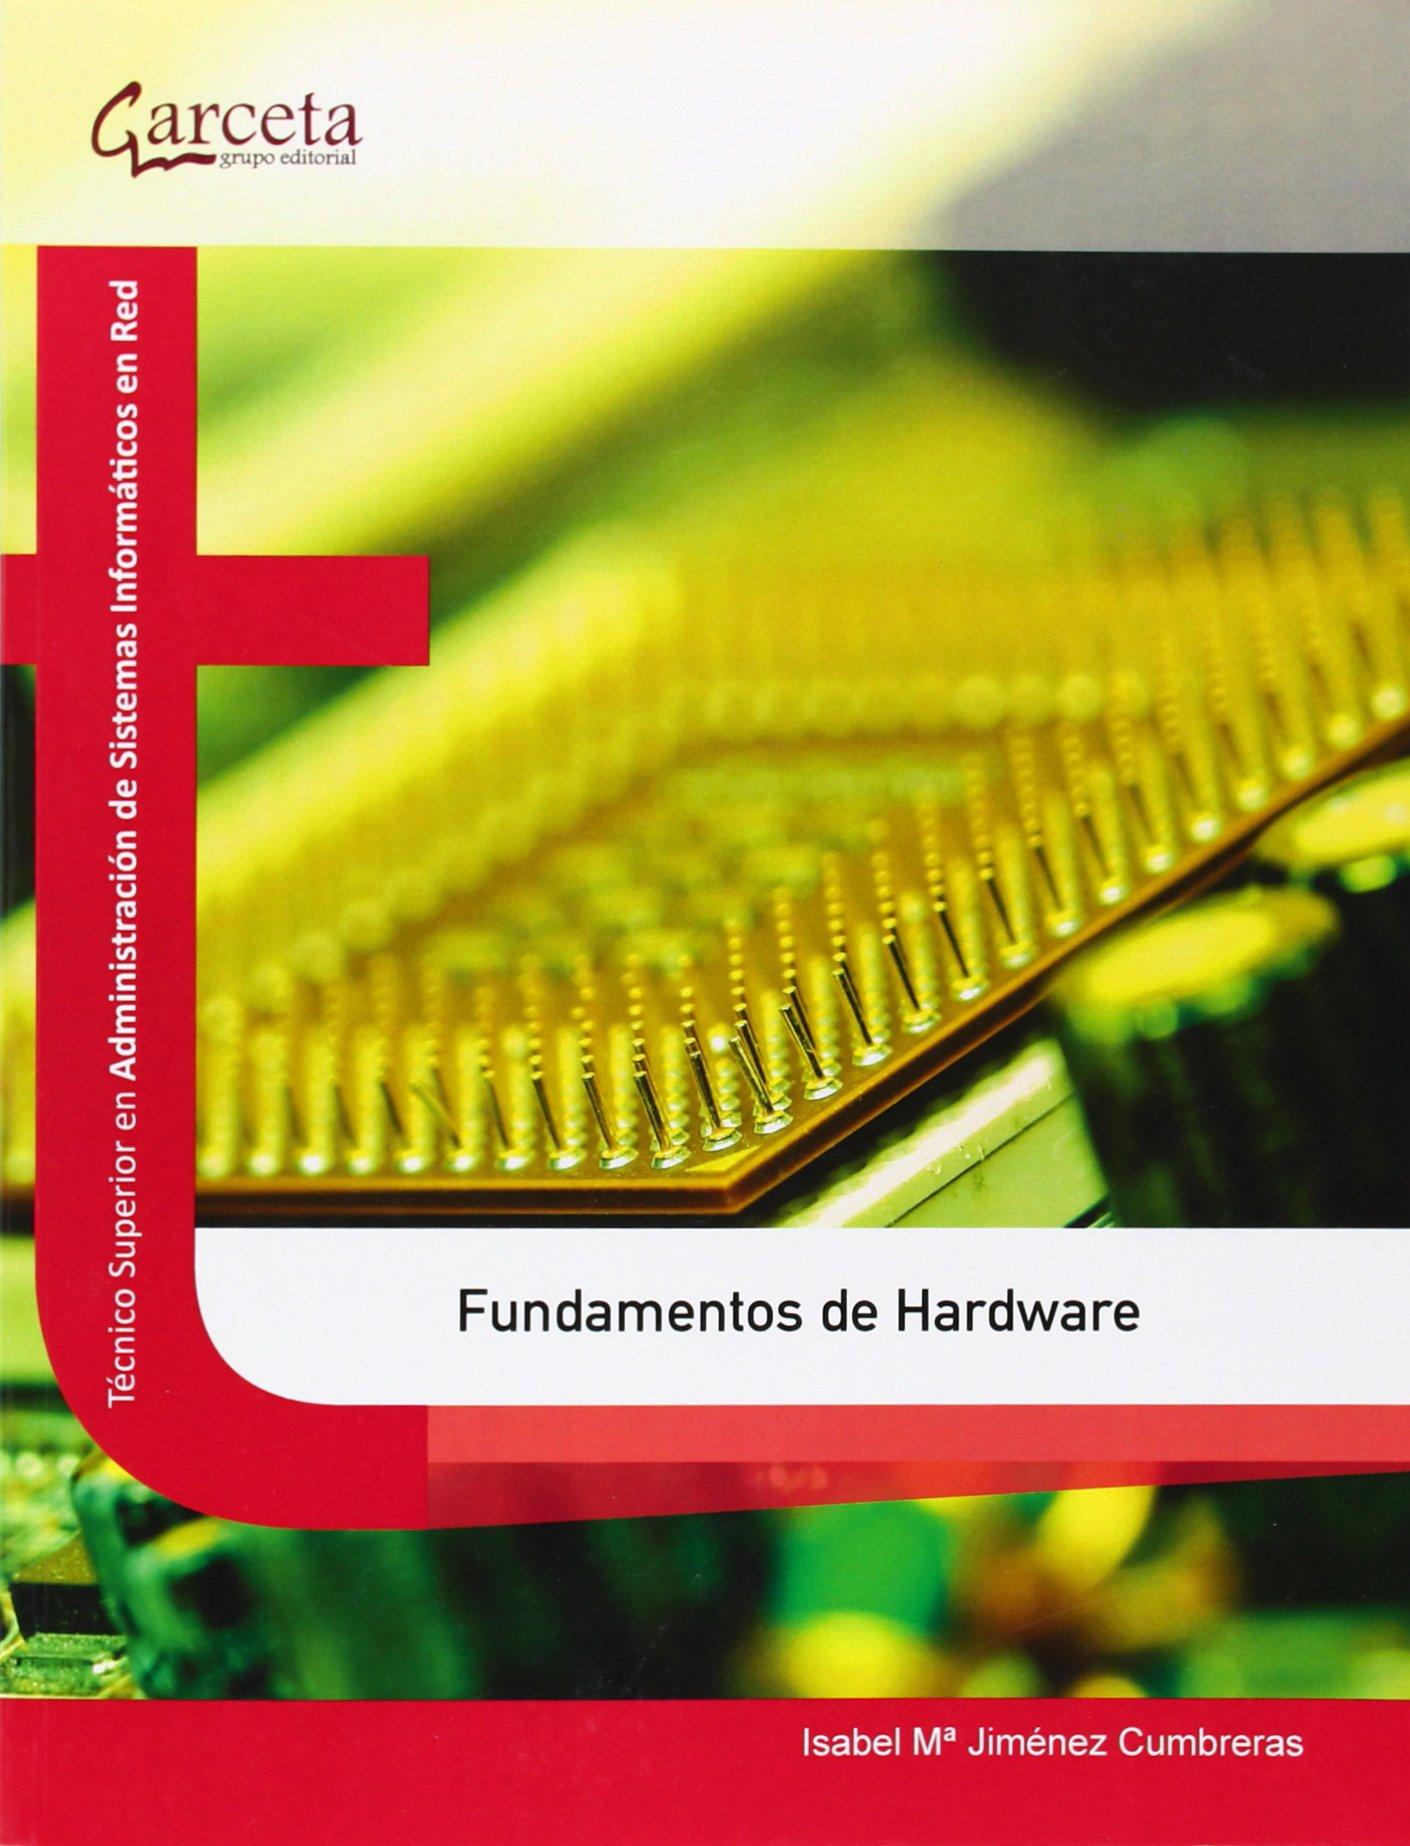 Fundamentos de hardware (Texto (garceta)) Tapa blanda – 8 sep 2013 Isabel Mª Jiménez Cumbreras 8415452608 Computer hardware Mantenimiento y reparación